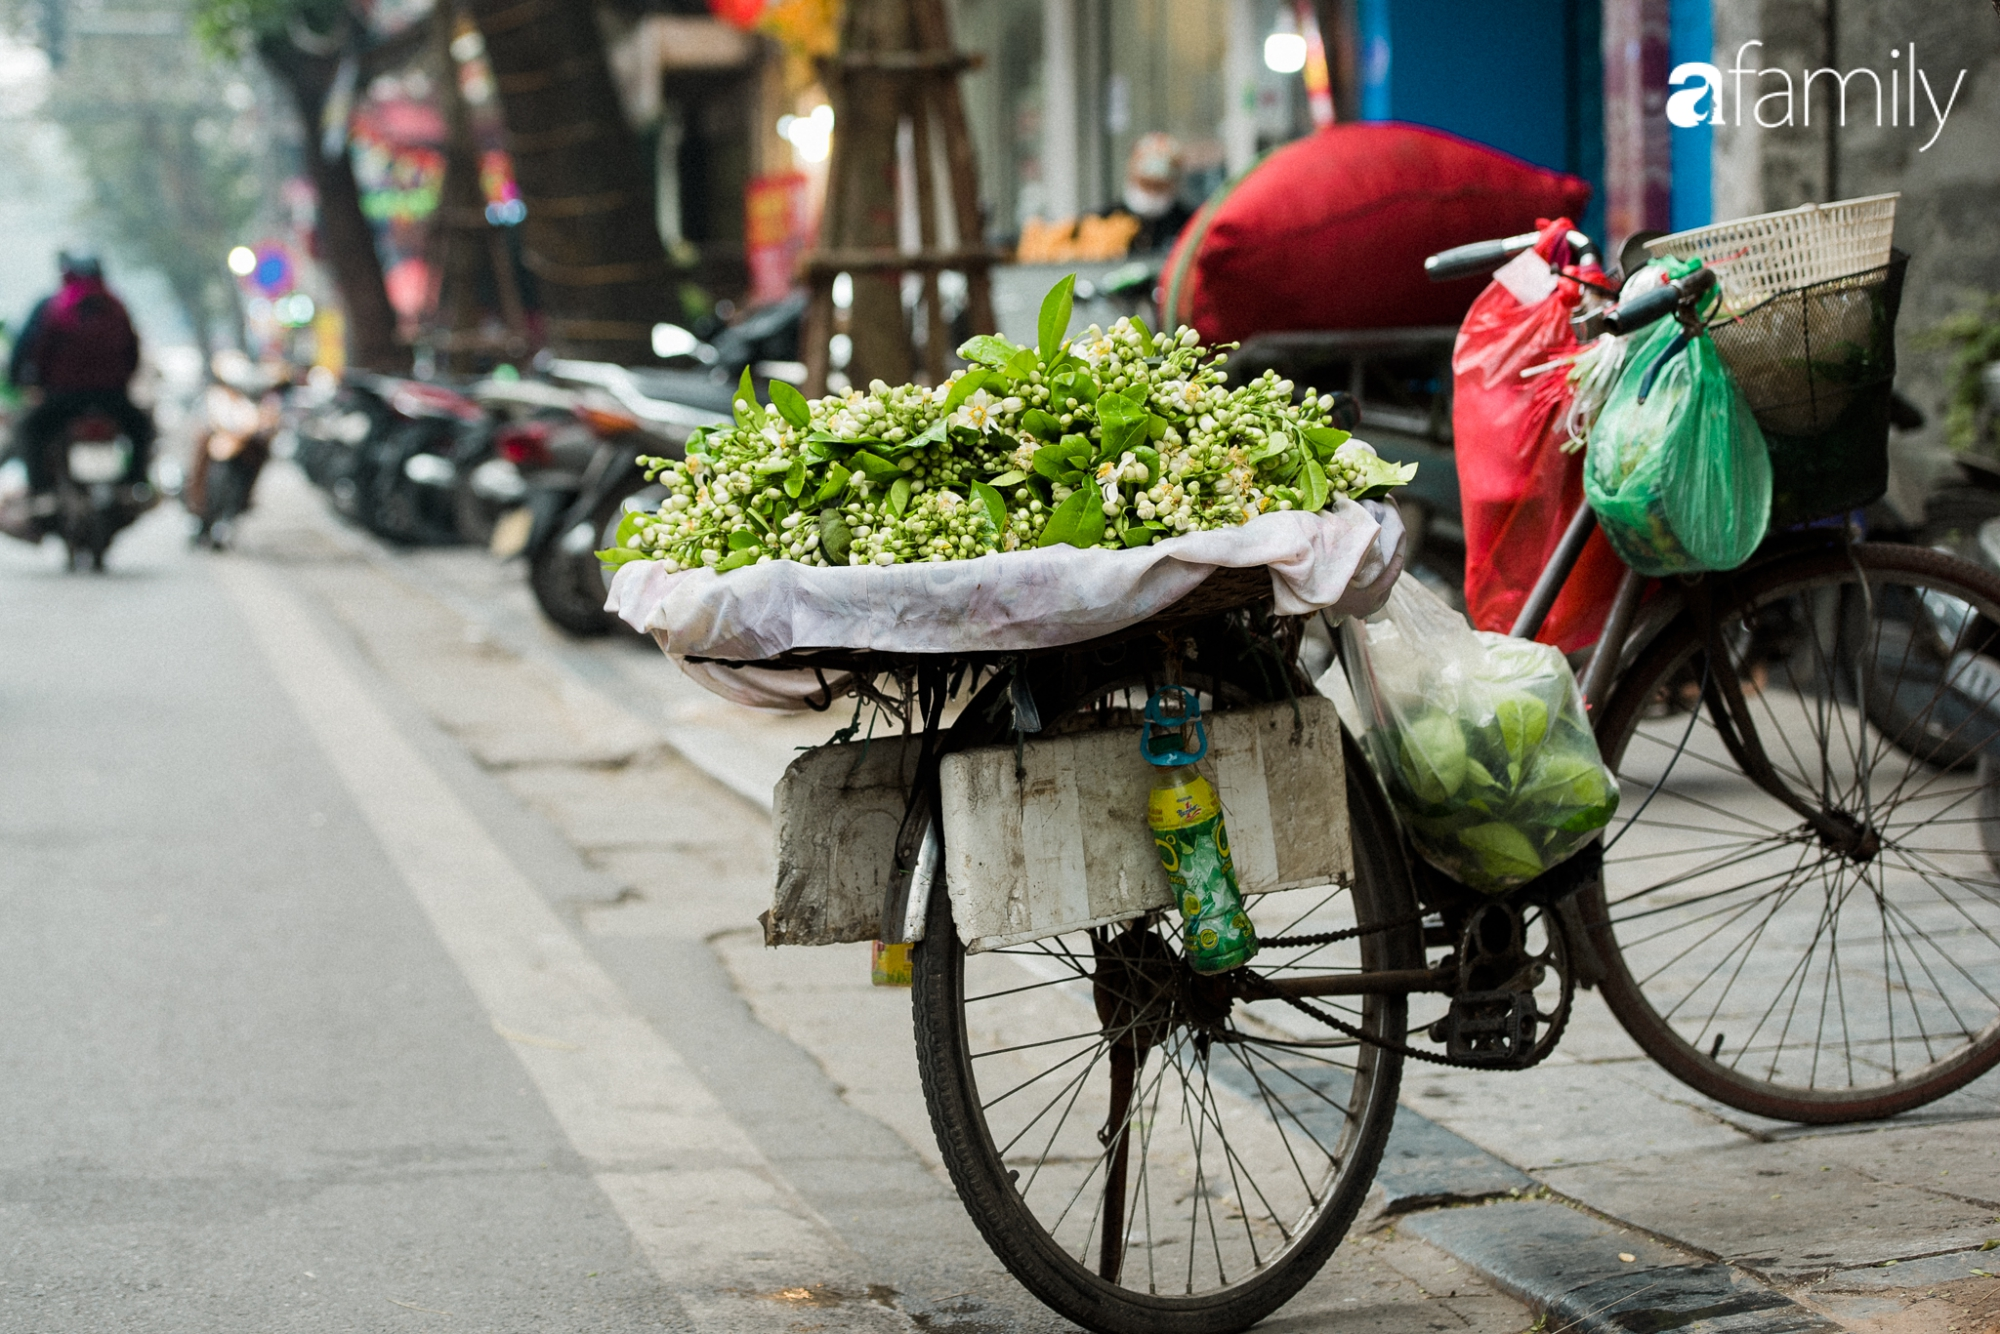 """Dân Hà Nội """"rộ mốt"""" mua hoa bưởi cúng Rằm tháng Giêng giá chỉ từ 200.000/kg và mẹo lựa hoa đẹp cả năm tài lộc, hanh thông - Ảnh 2."""